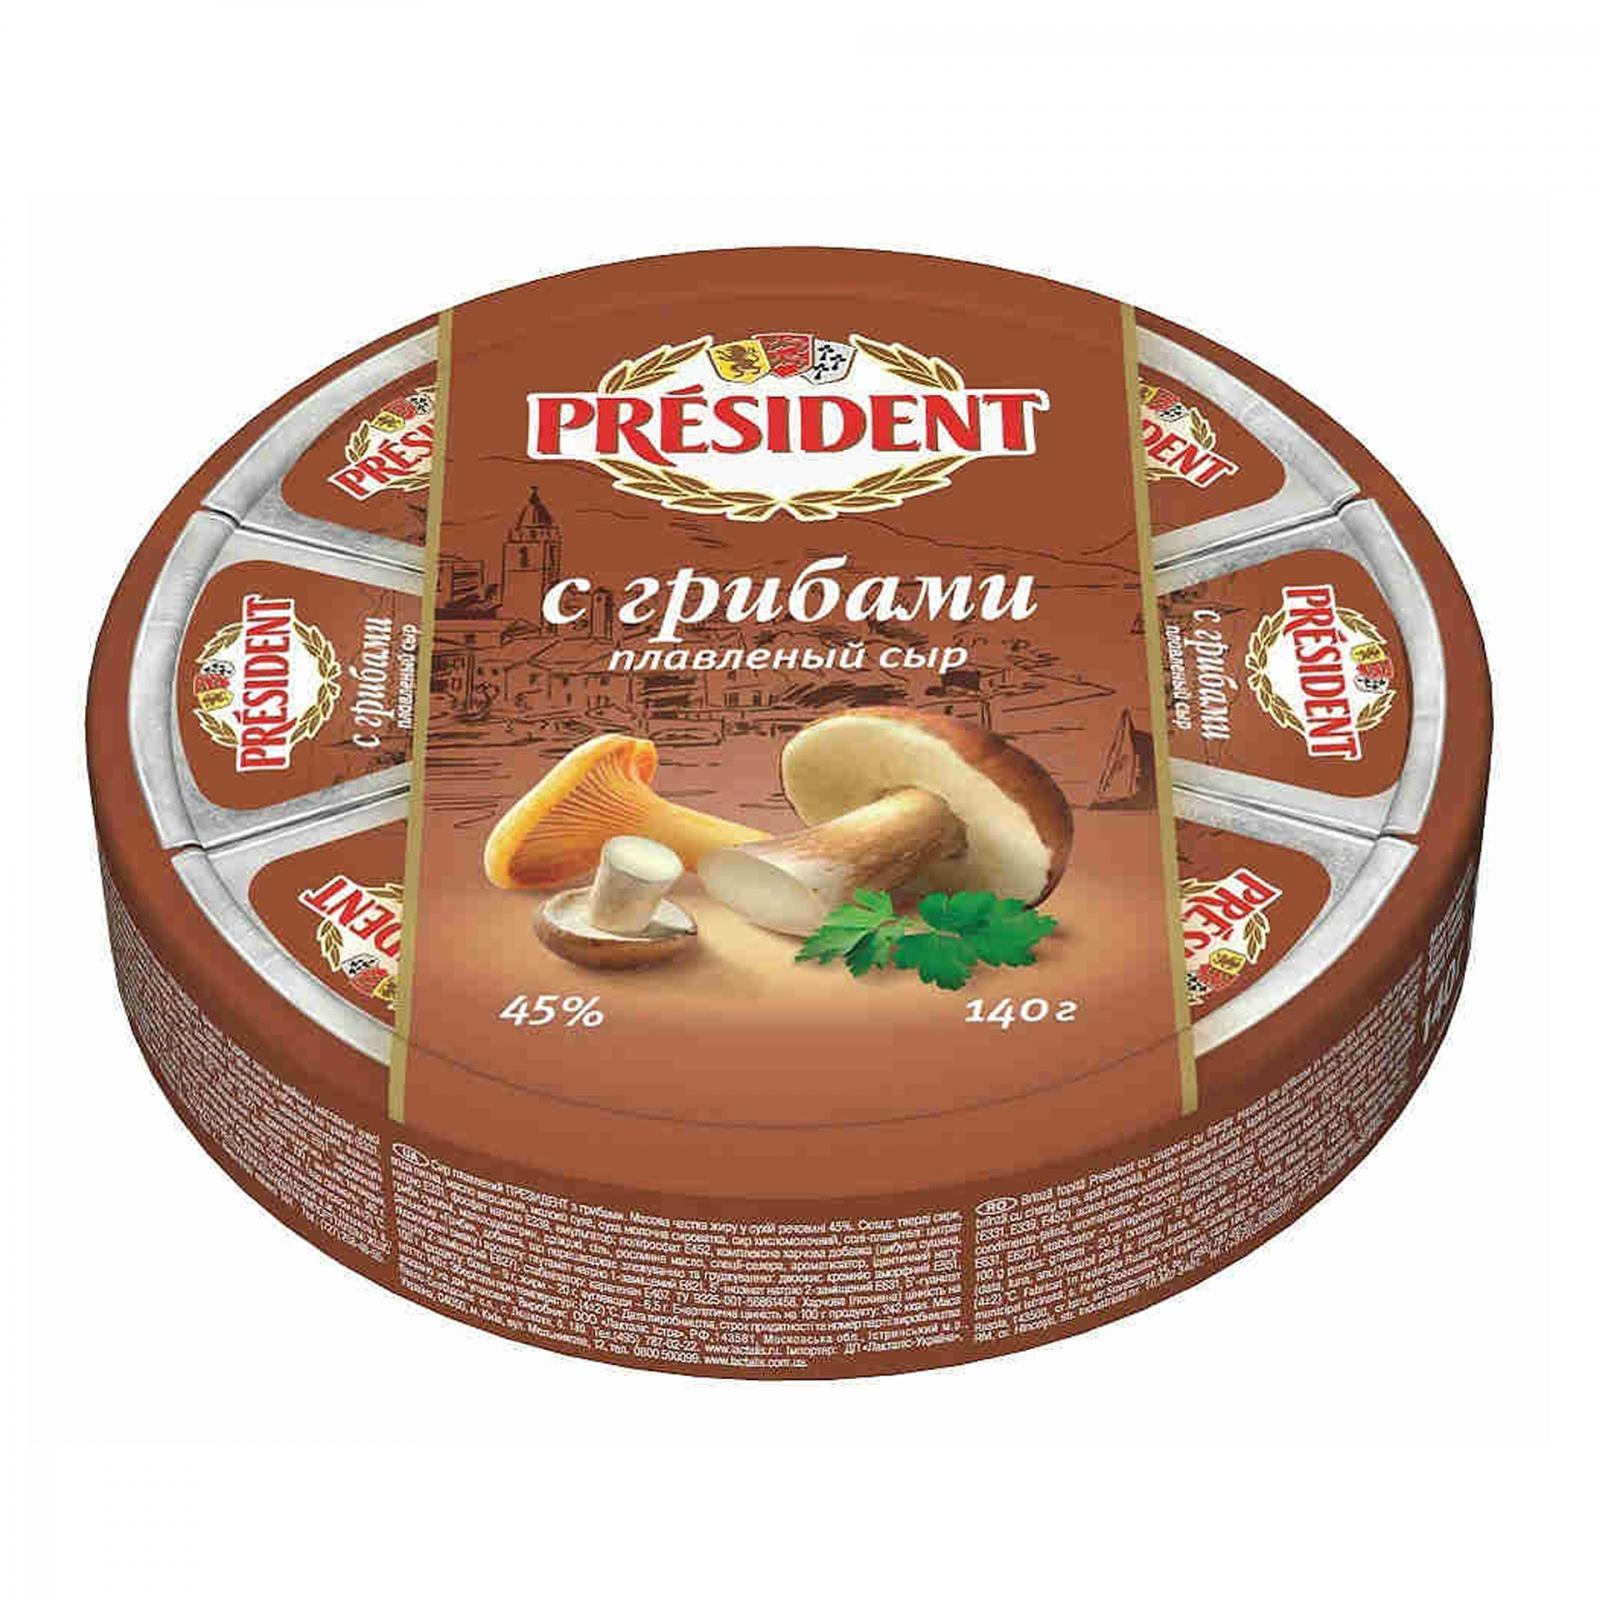 Плавленый сыр President с грибами треугольники 45%